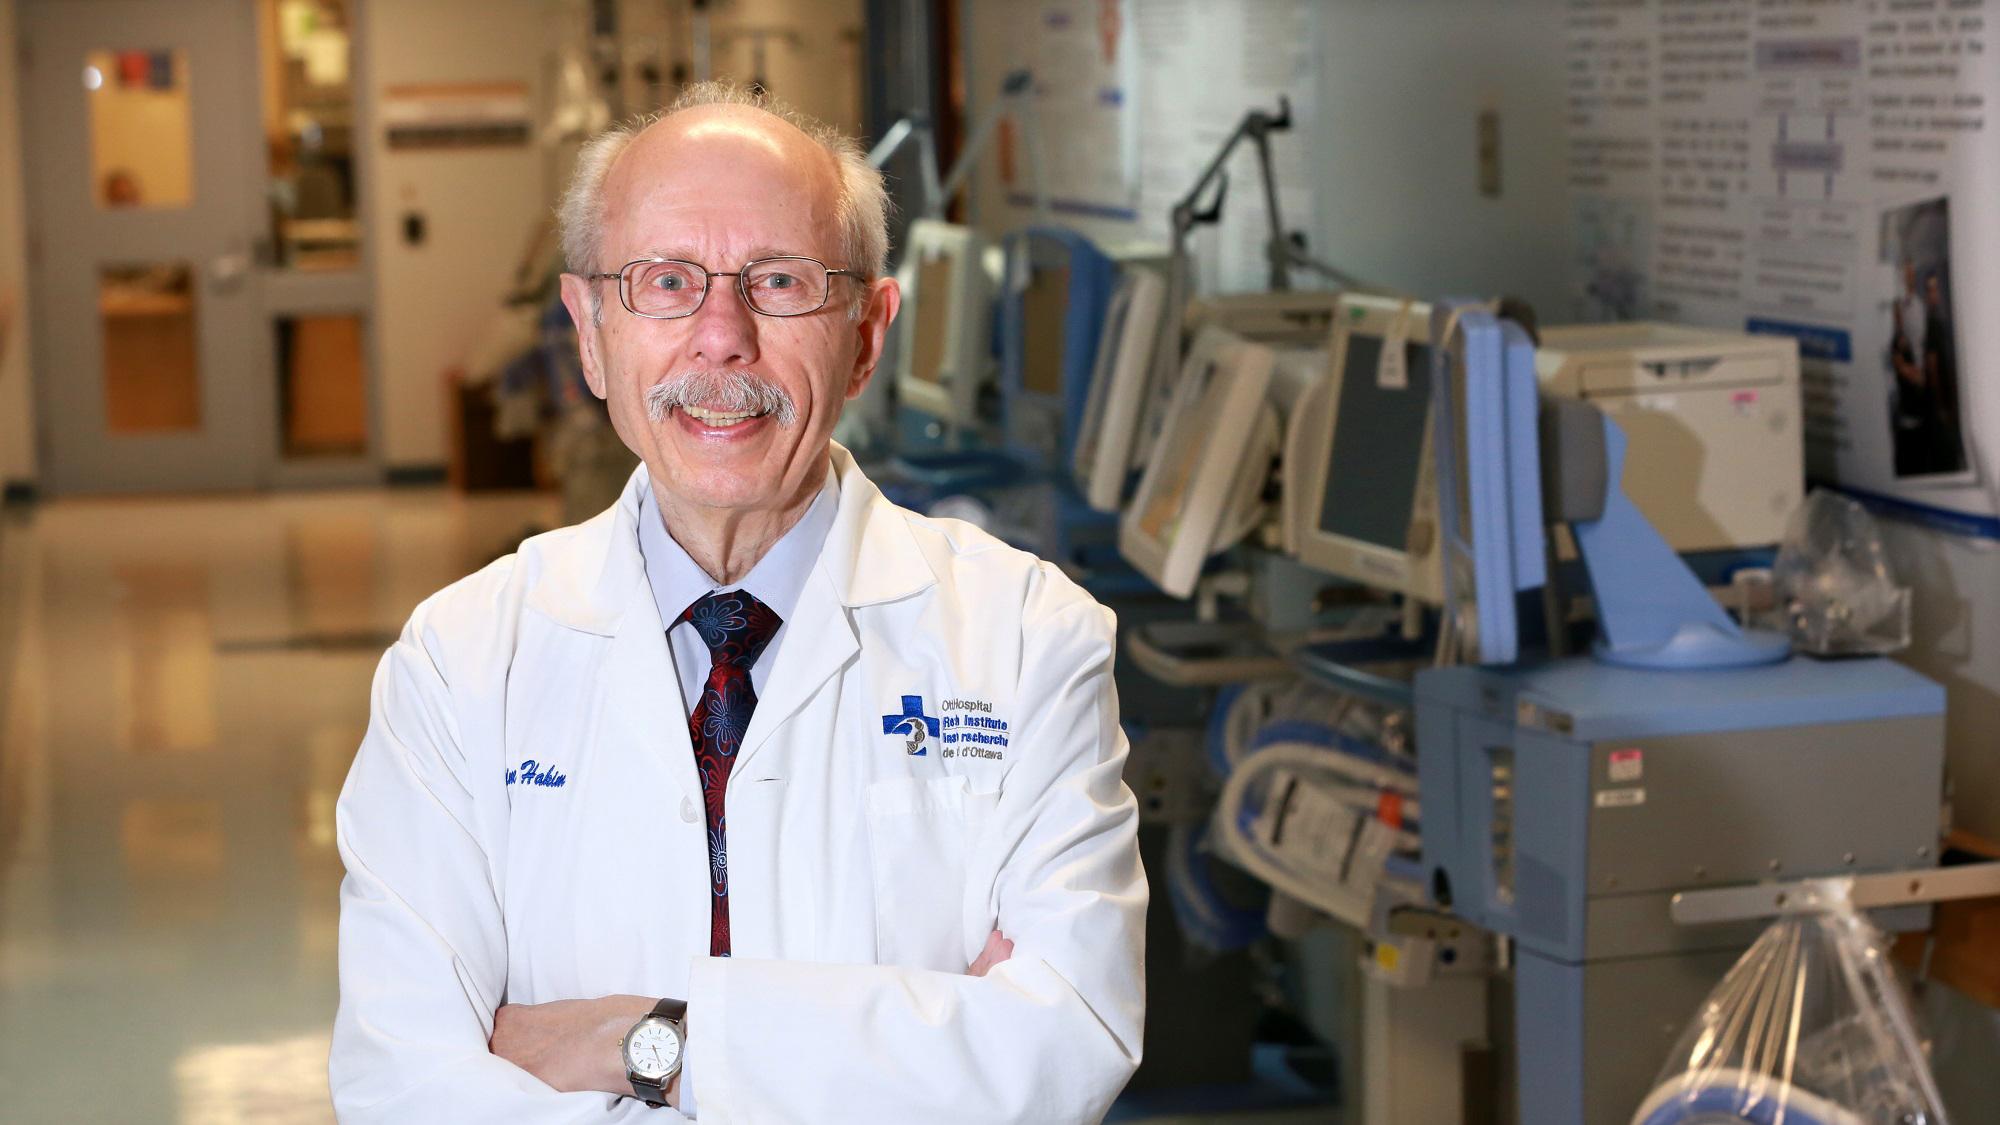 Dr. Hakim